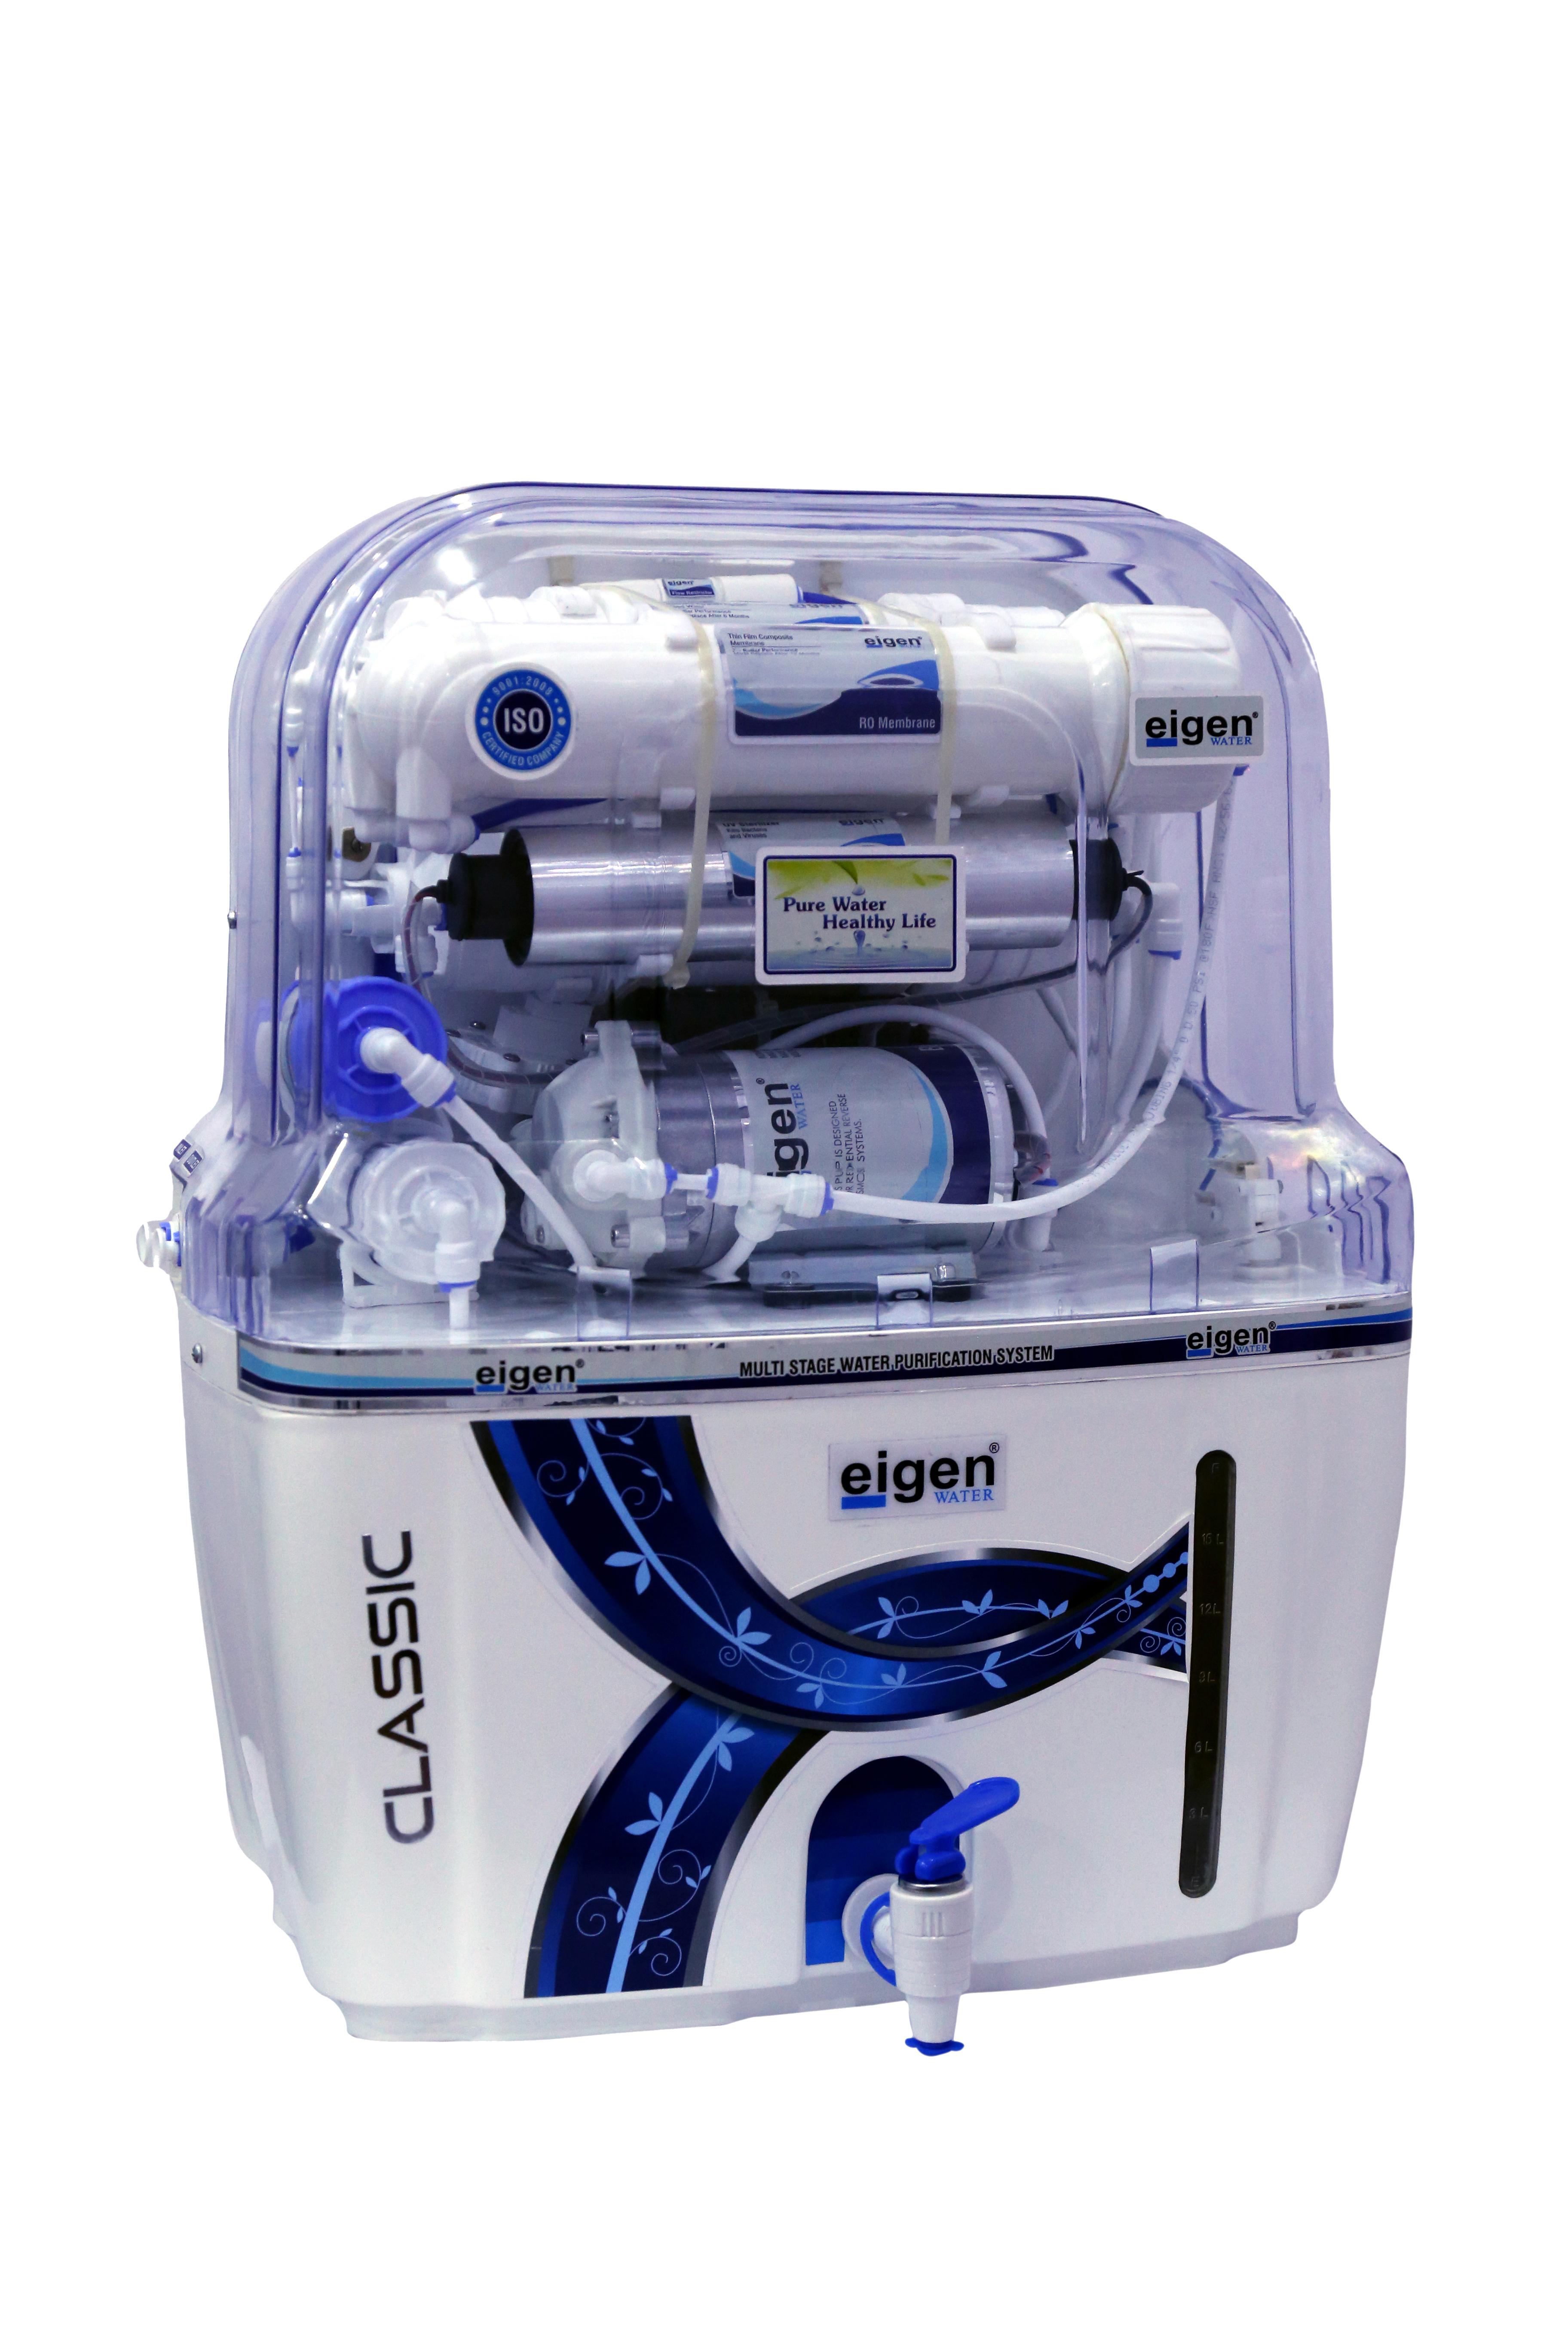 RO+UV+UF Water Purifier